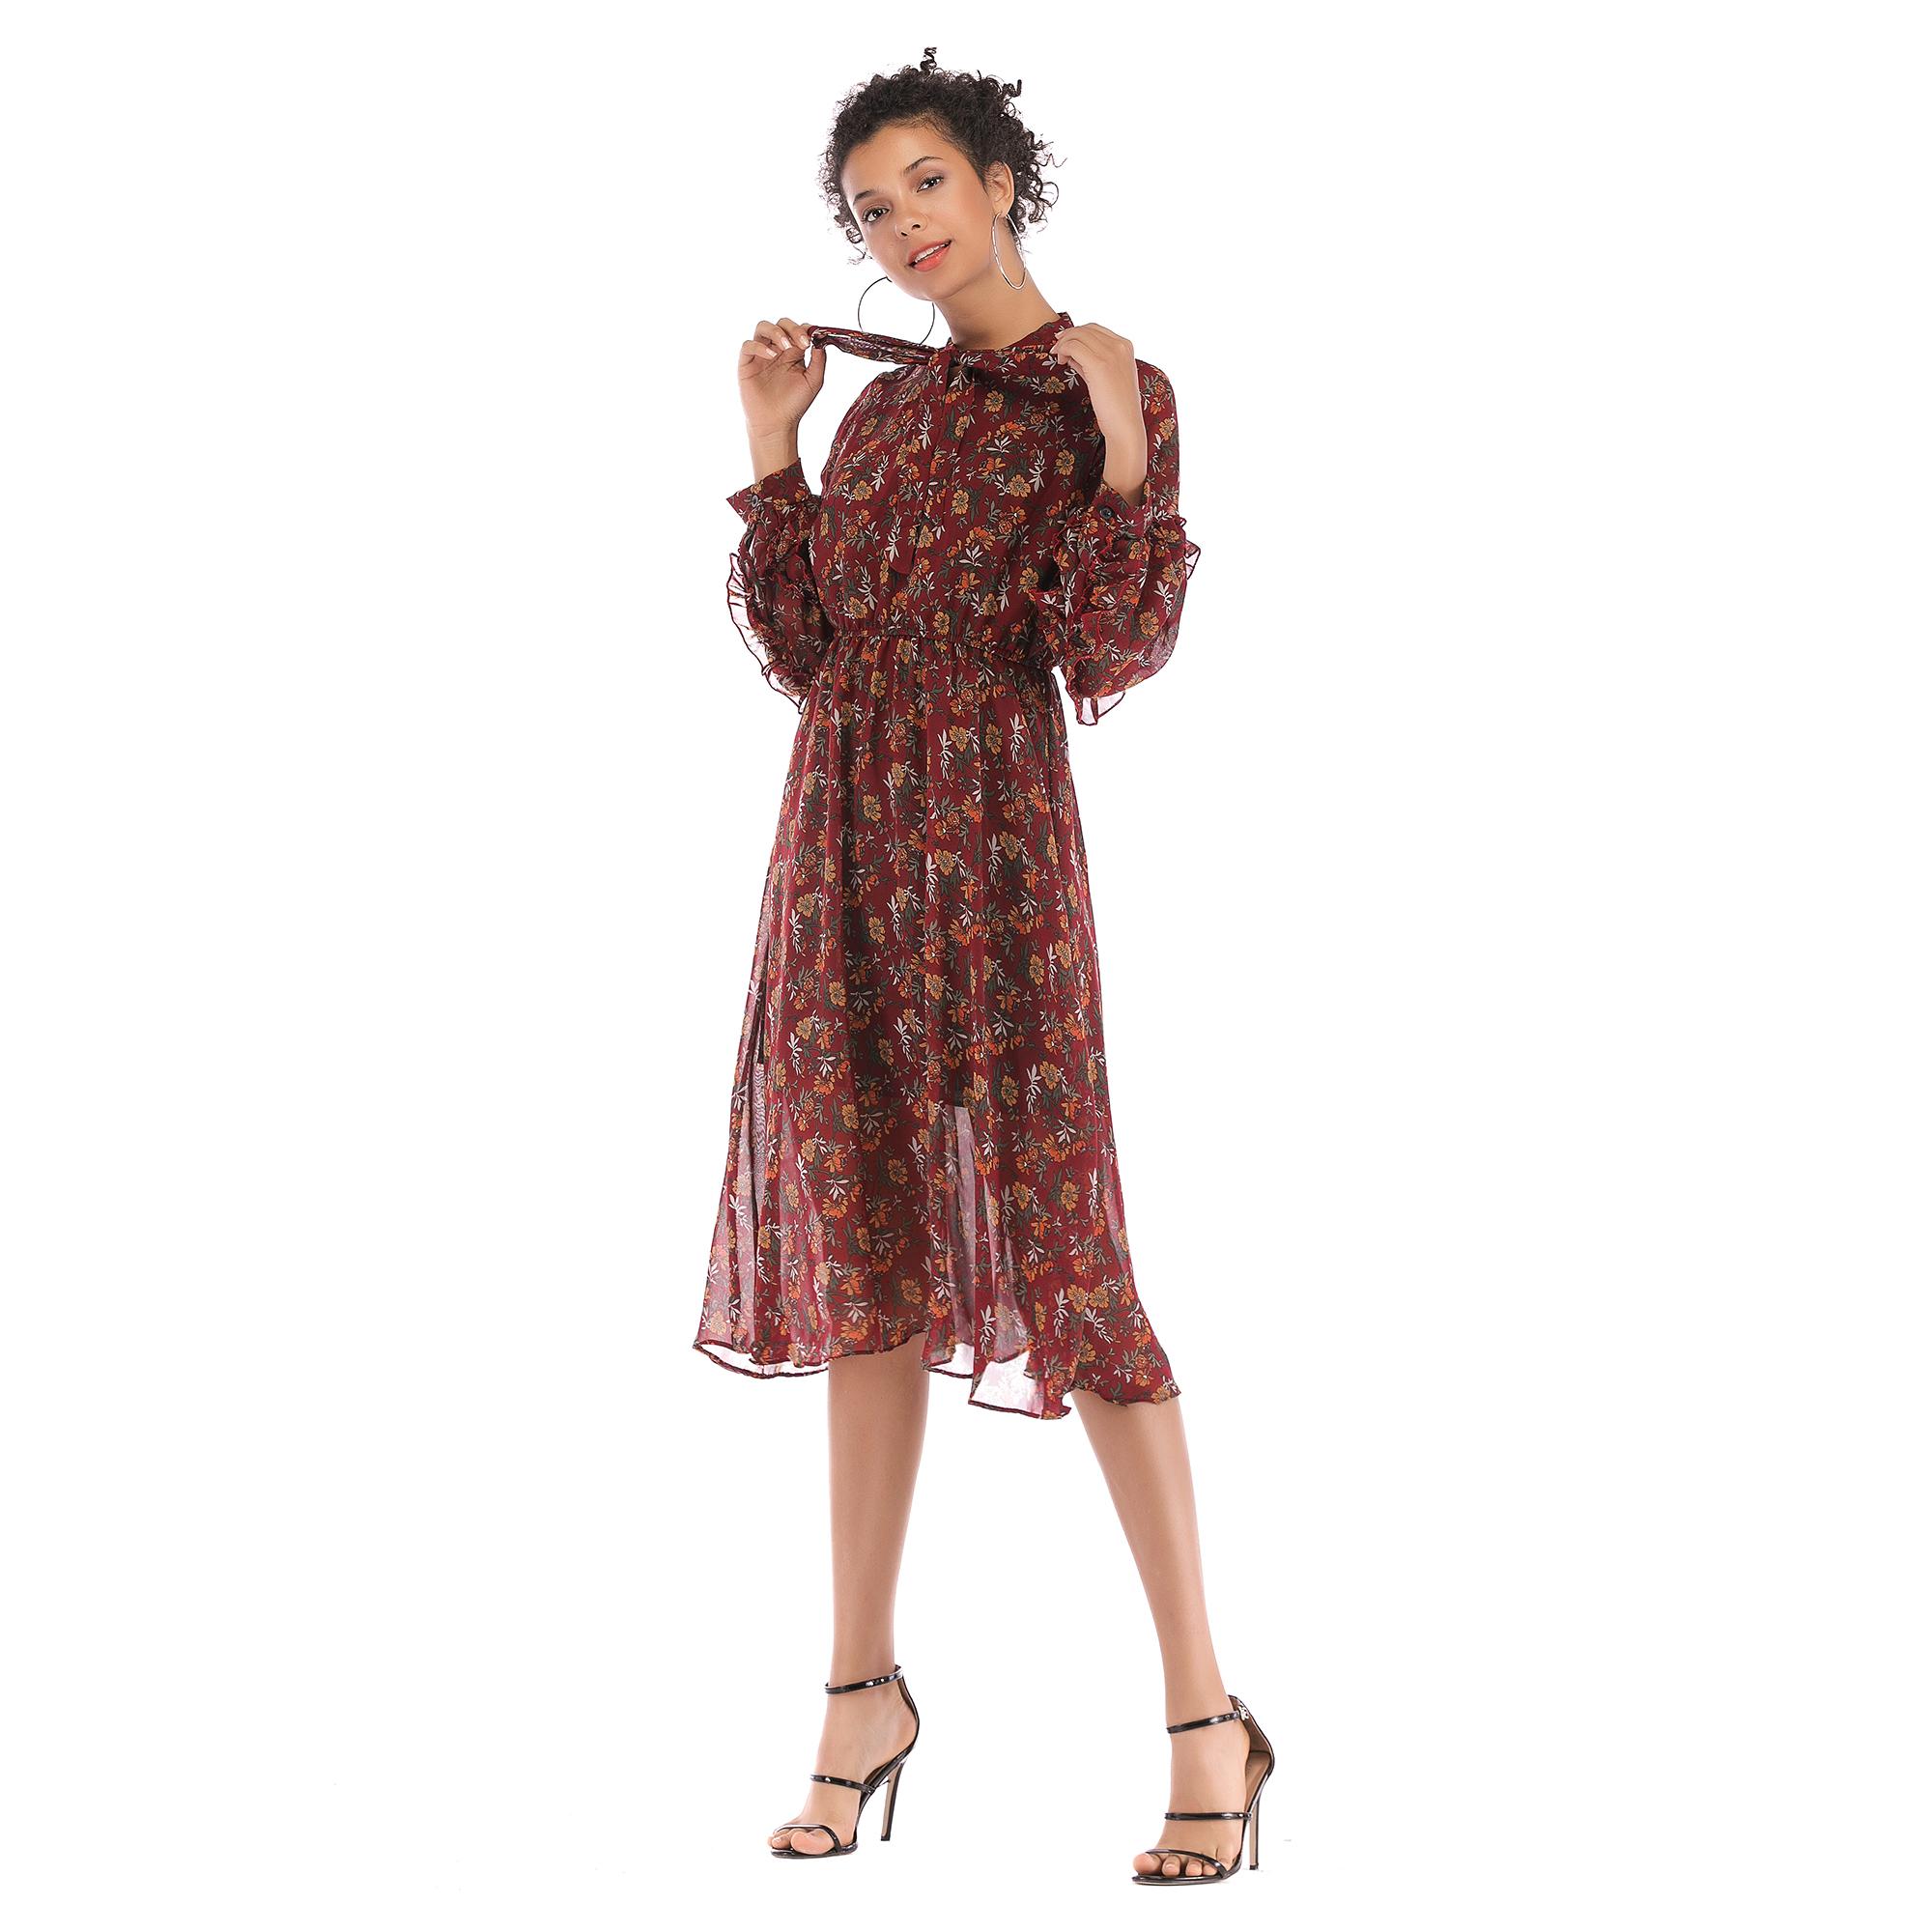 5909 ebay速卖通秋冬新款蝴蝶结碎花雪纺连衣裙 中长款长袖大摆裙